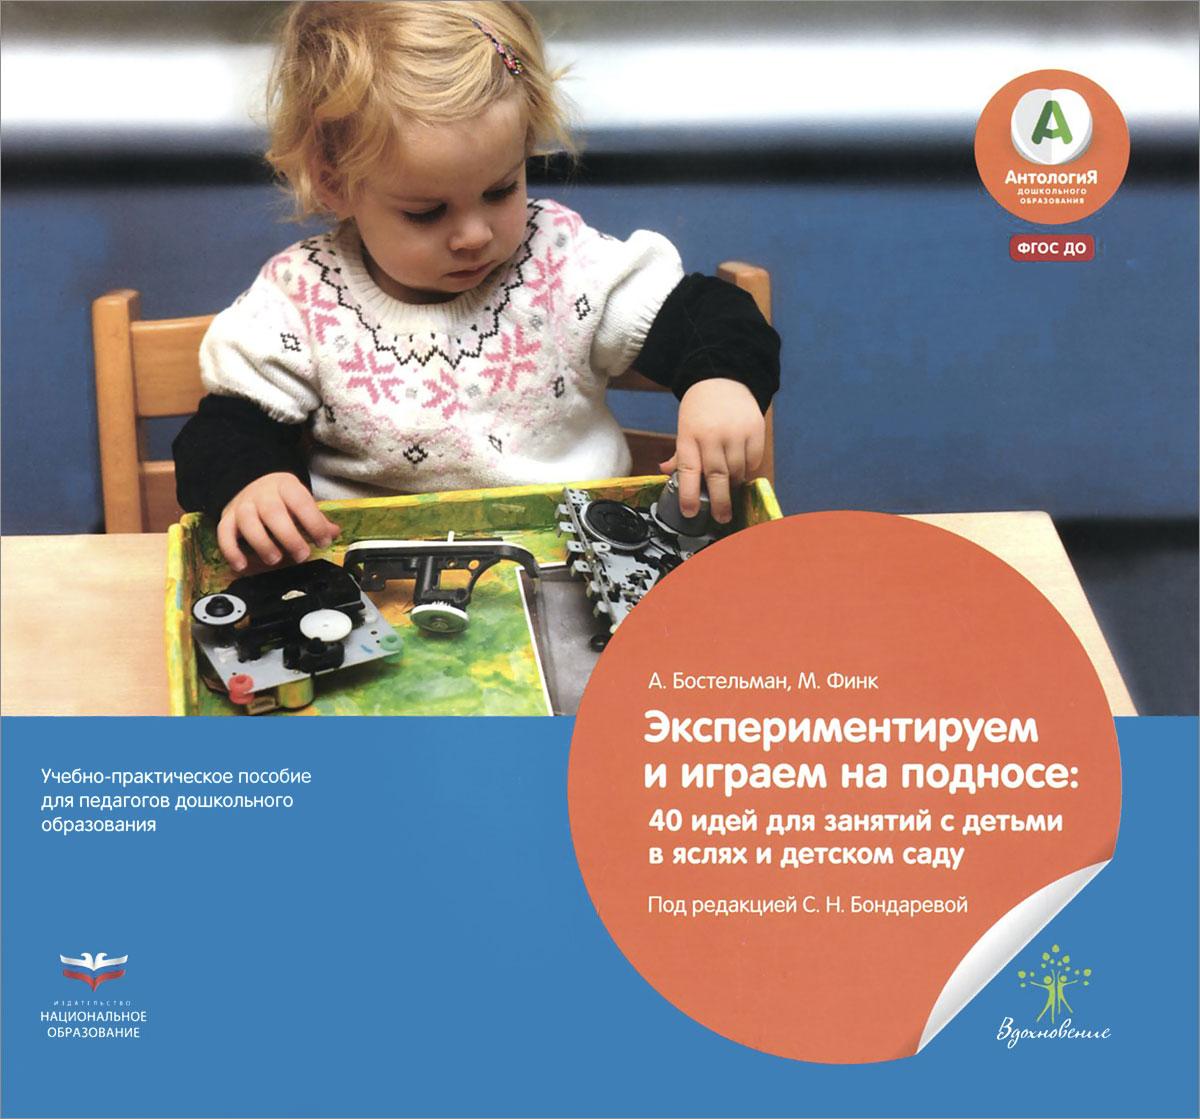 Экспериментируем и играем на подносе. 40 идей для занятий с детьми в яслях и детском саду